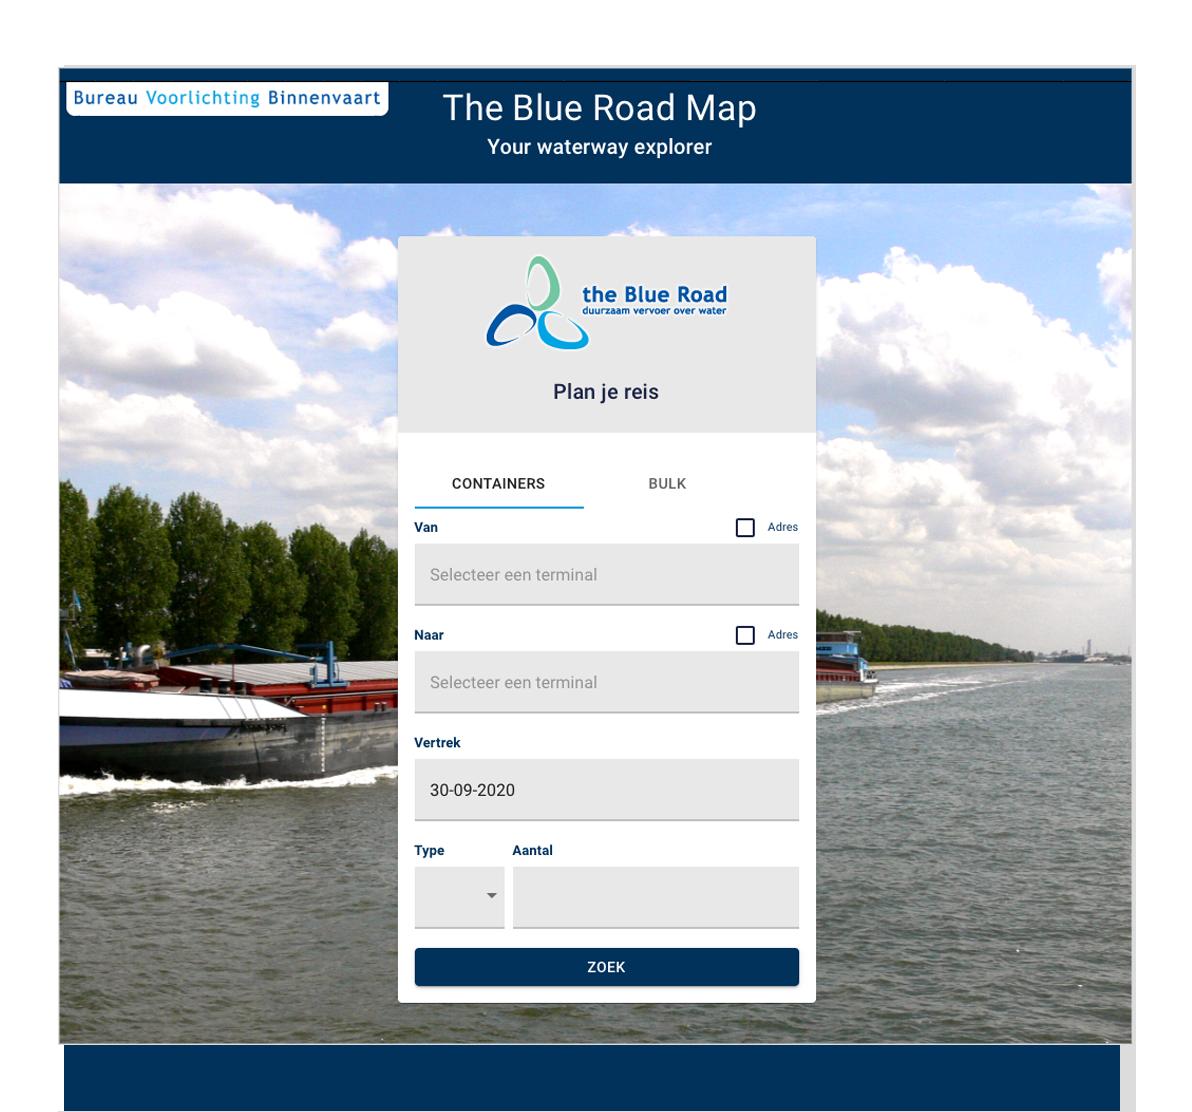 Containers van weg naar binnenvaart | BVB Routeplanner